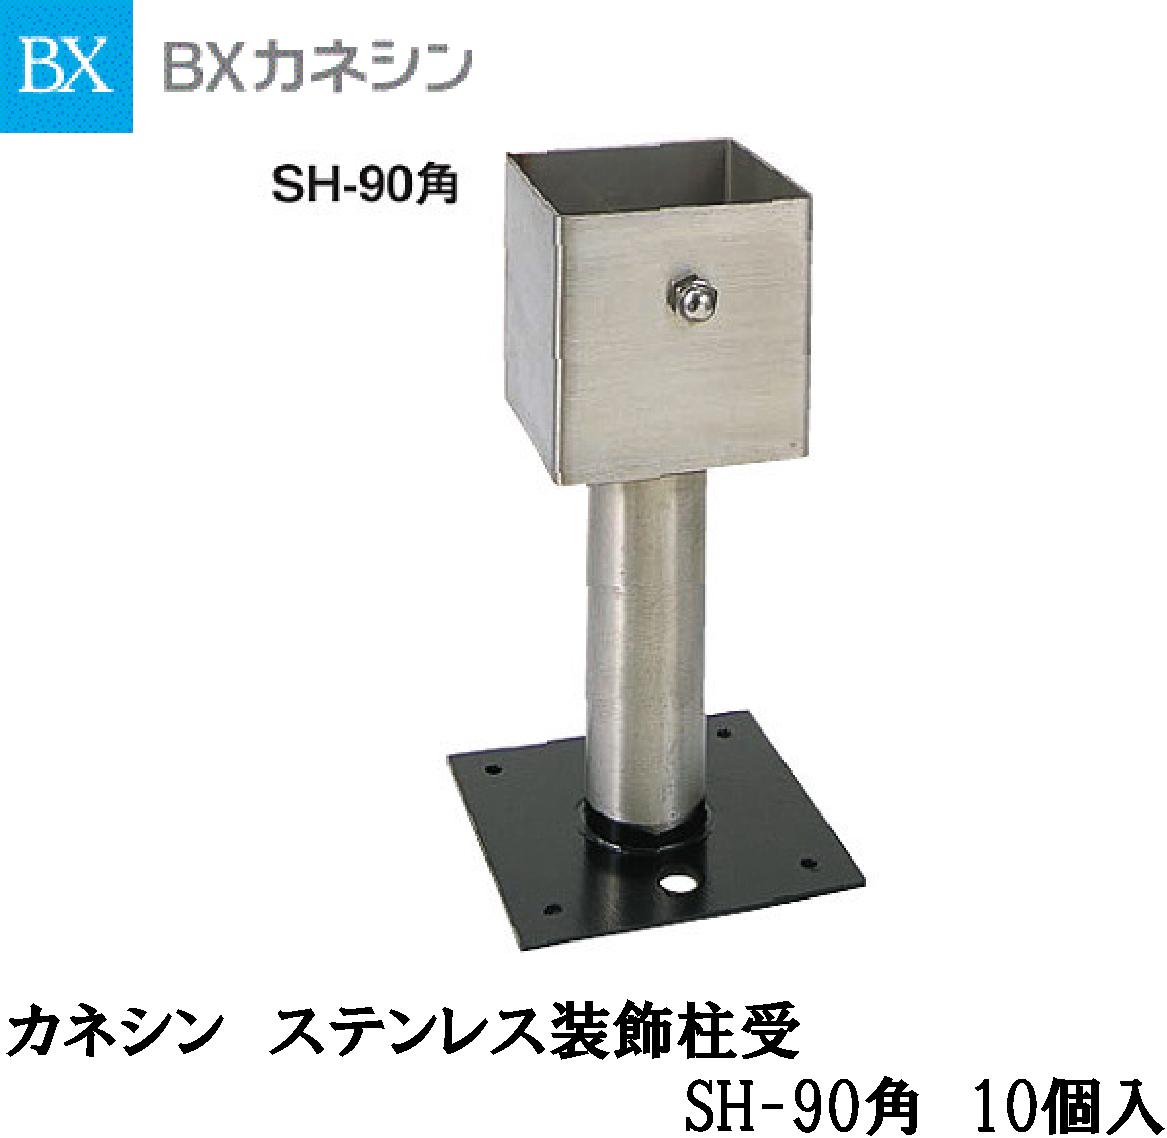 BXカネシン【ステンレス装飾柱受 SH-90角 131100 10入】